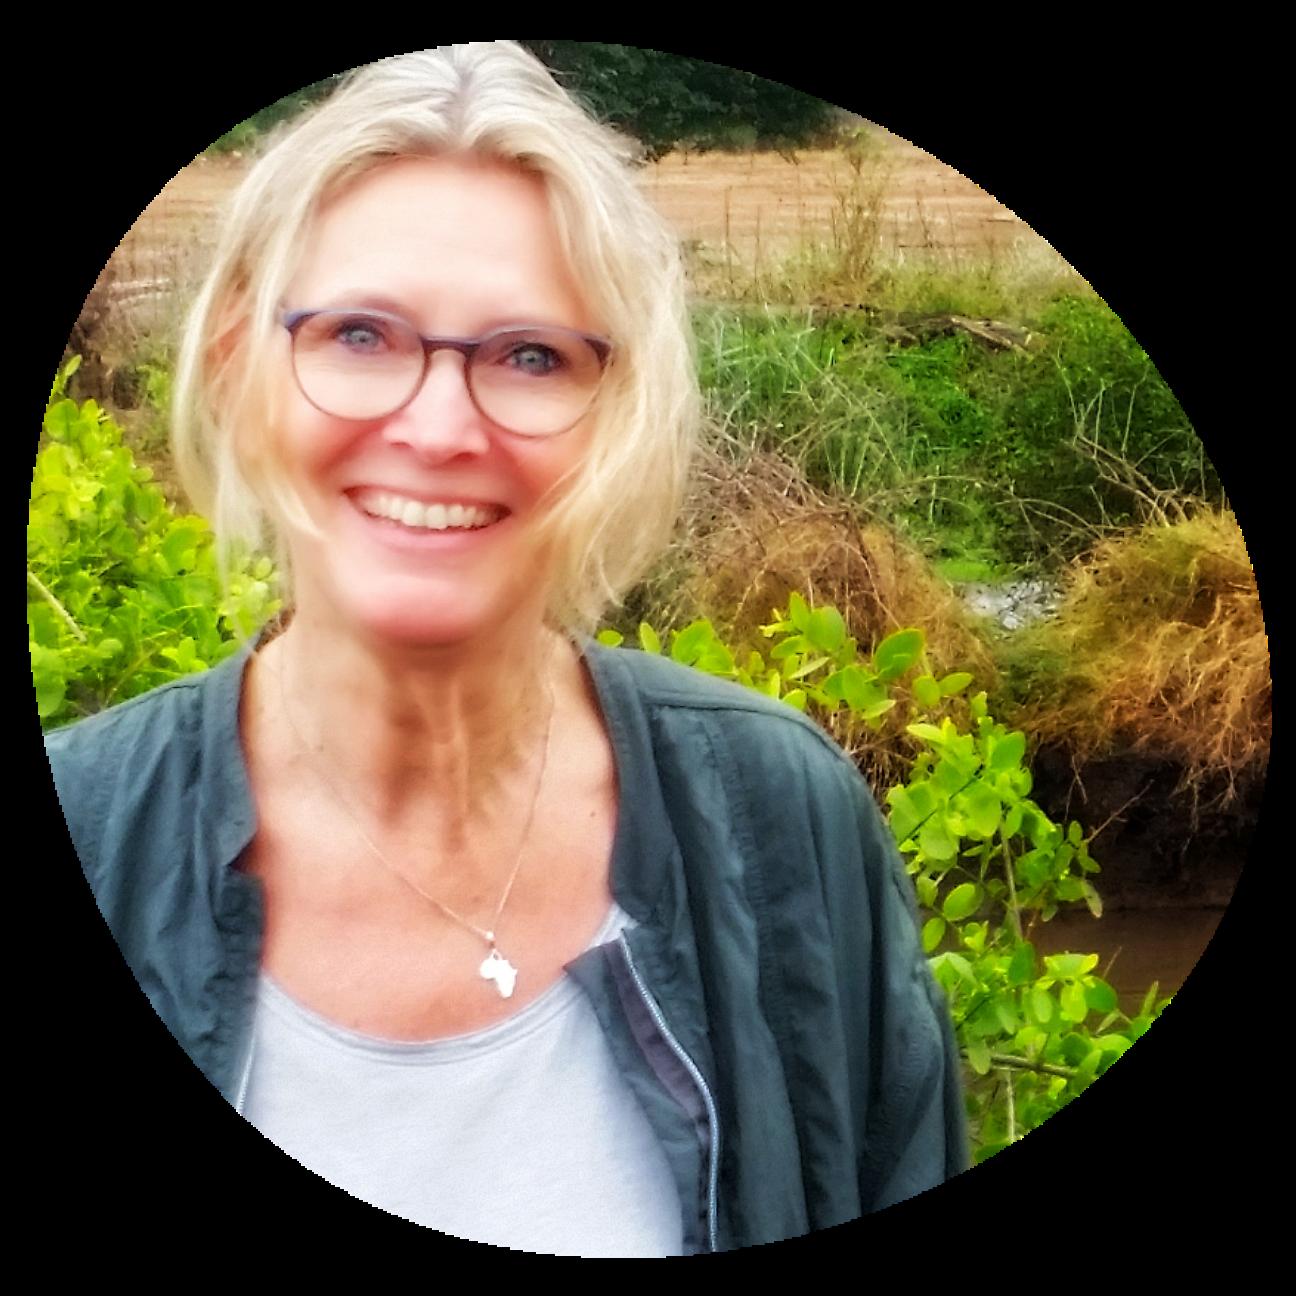 Birgit aus Trier